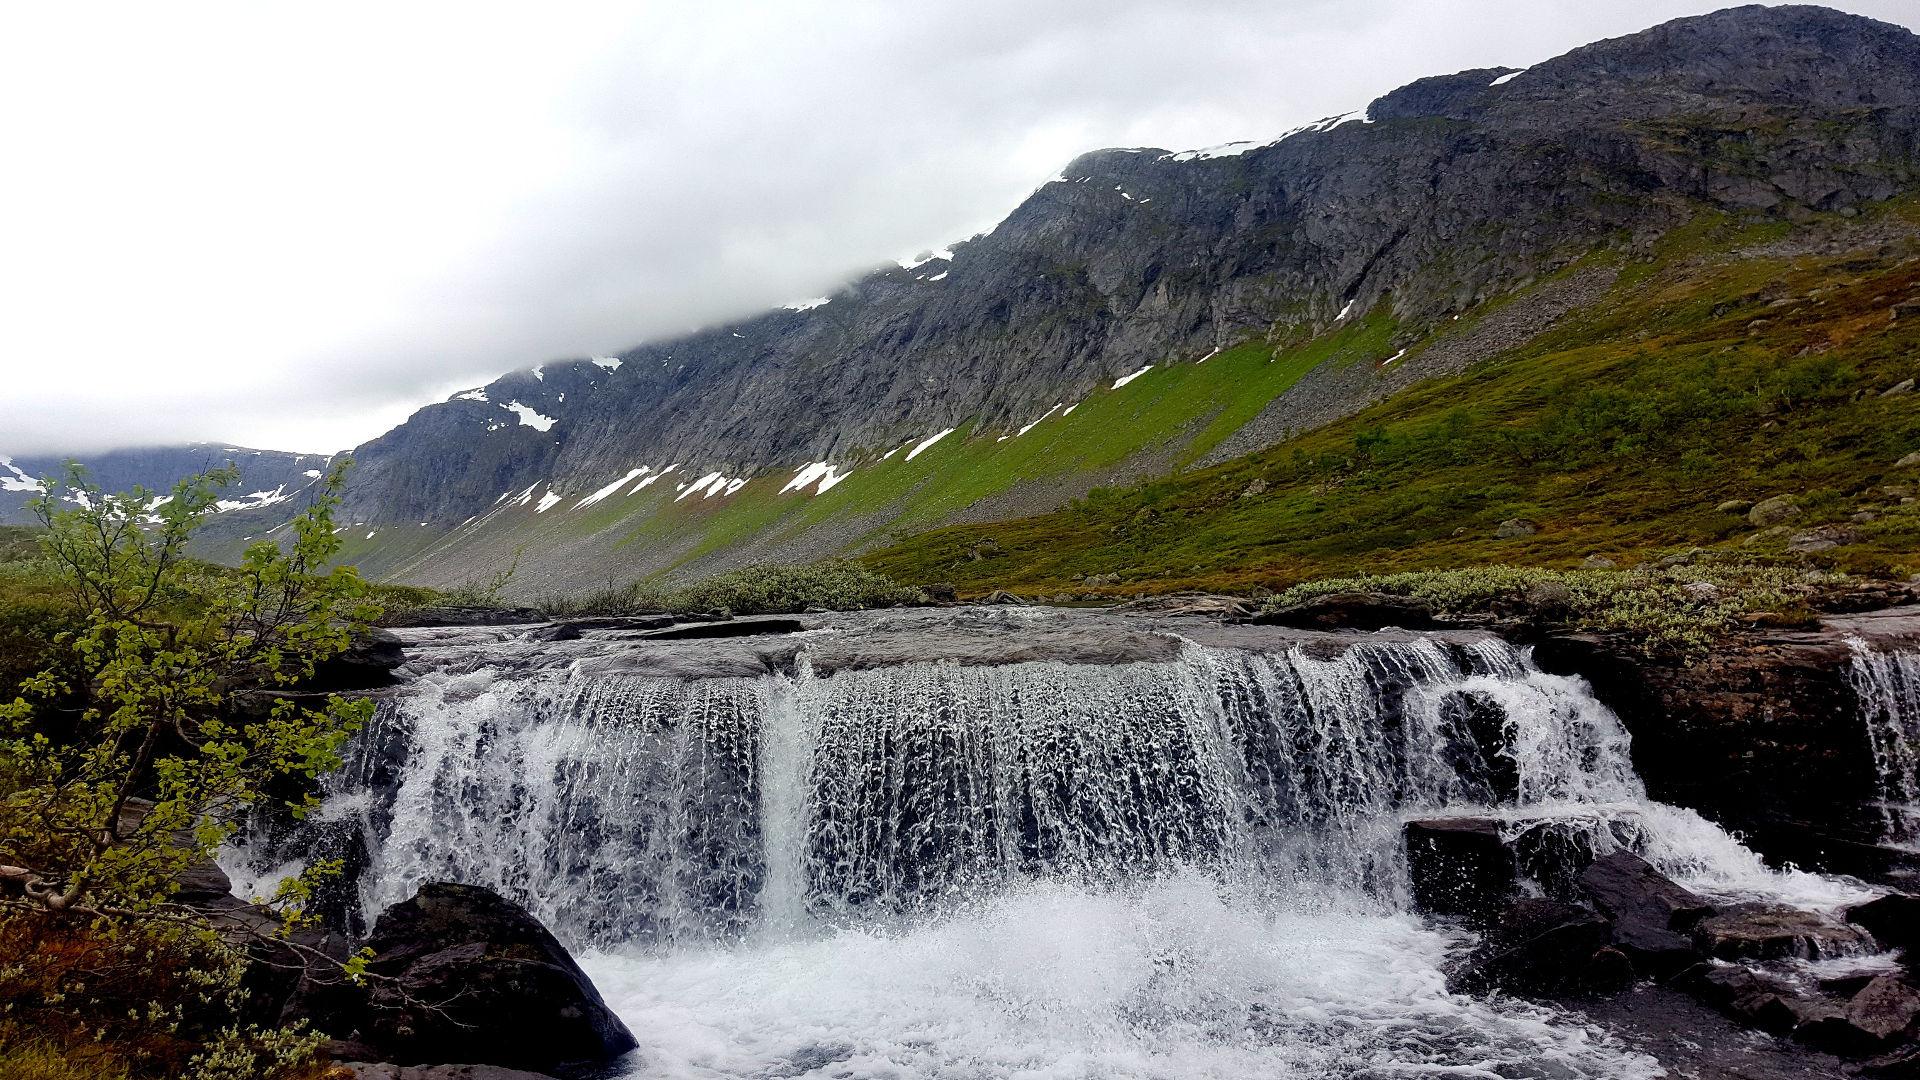 Vakre Vassdalen. Blir aldri lei av dette landskapet. Fotograf: Mira Sæther.